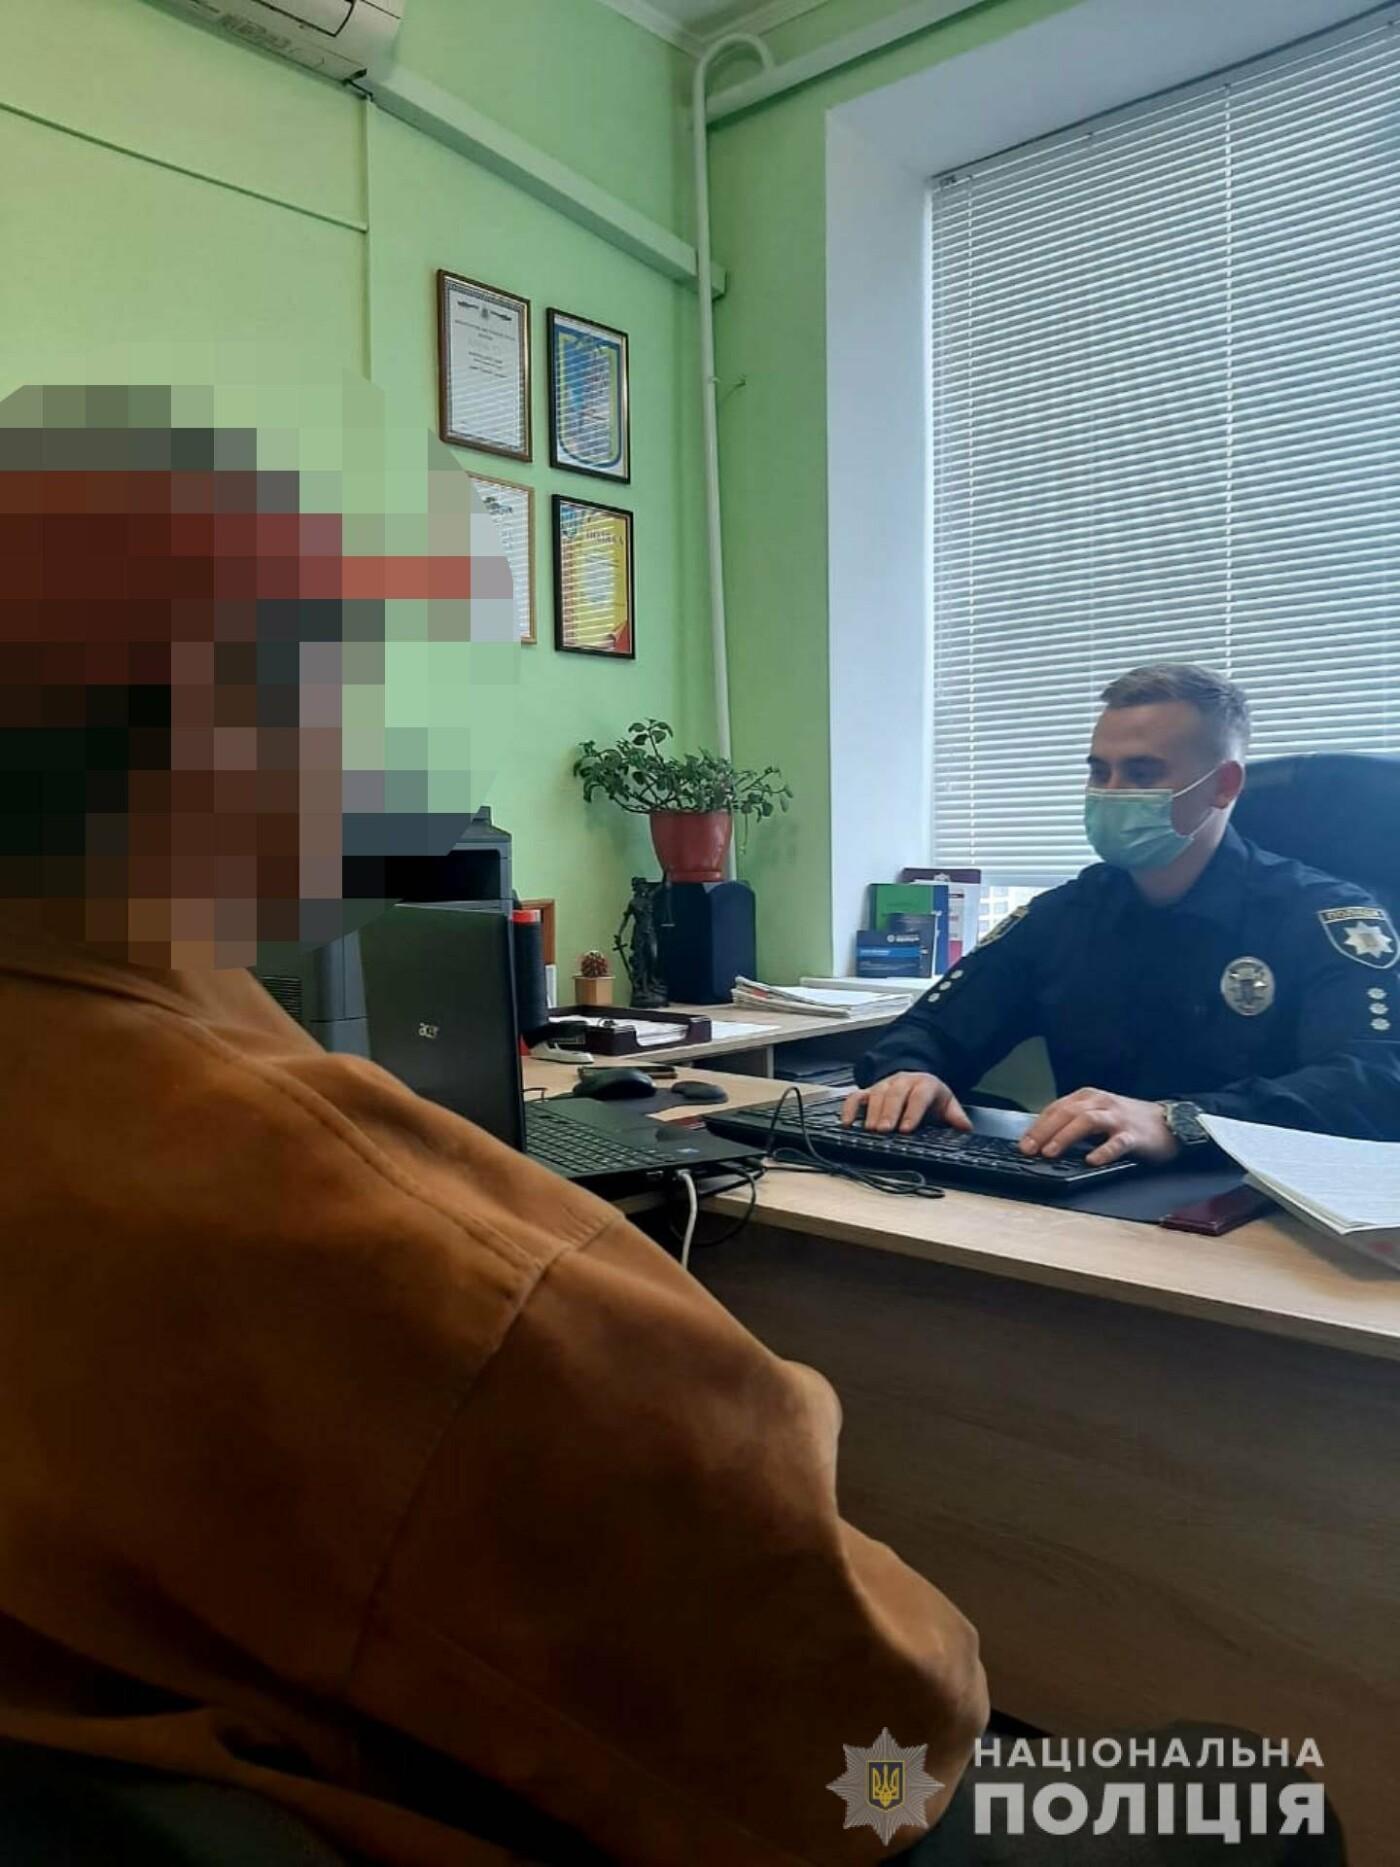 Схватил за руку и не отпускал: на Харьковщине мужчина пытался изнасиловать 11-летнюю девочку, - ФОТО, фото-1